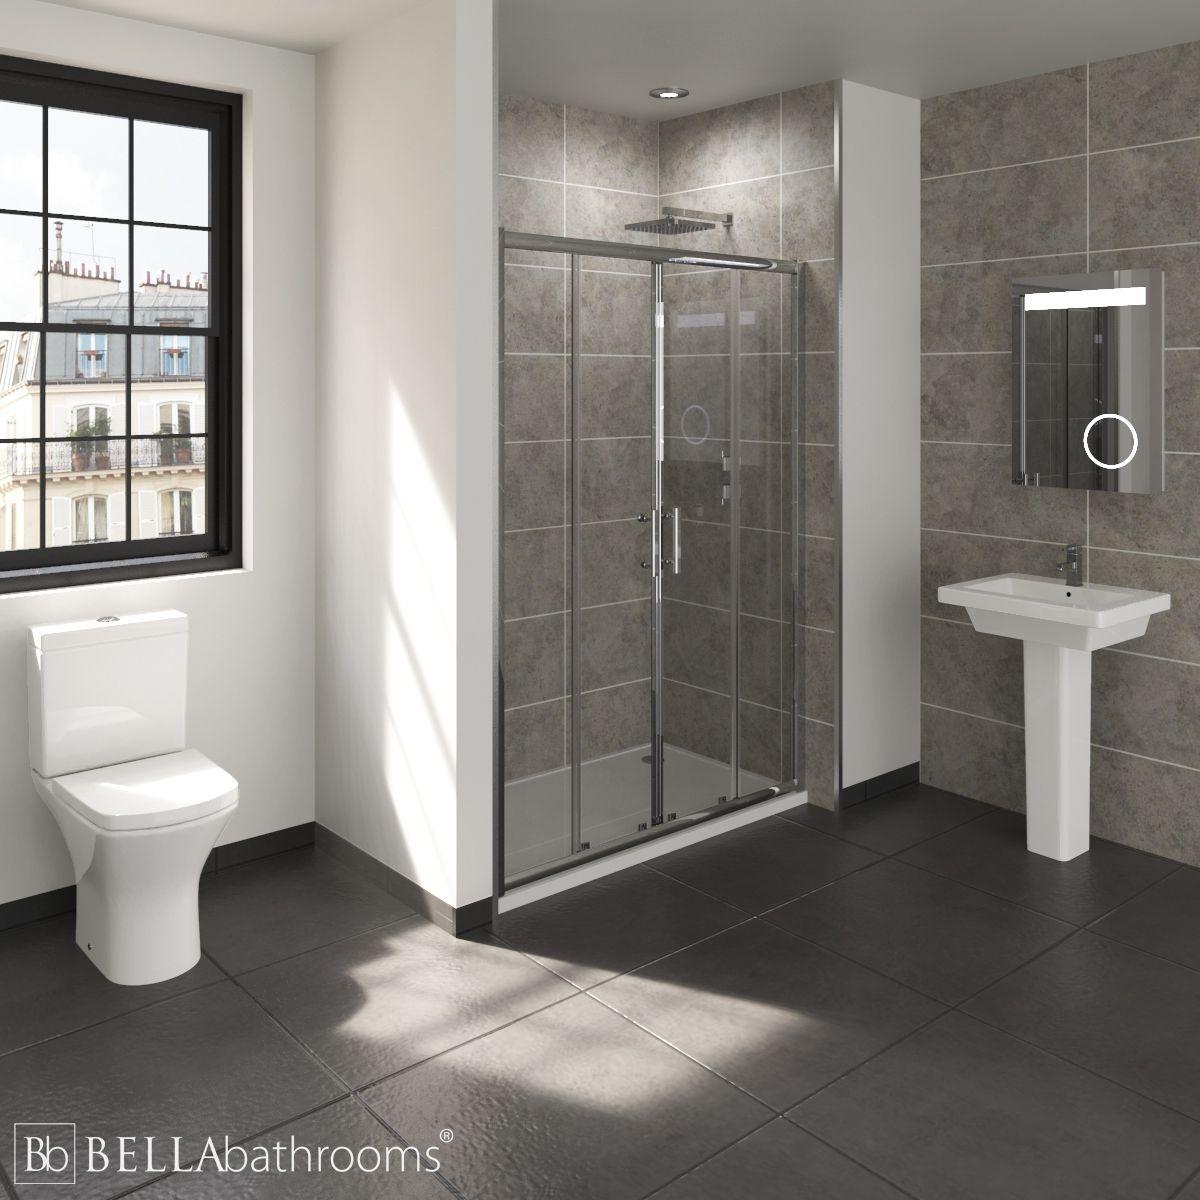 RAK Resort En-Suite with Double Sliding Door Shower Enclosure Recess